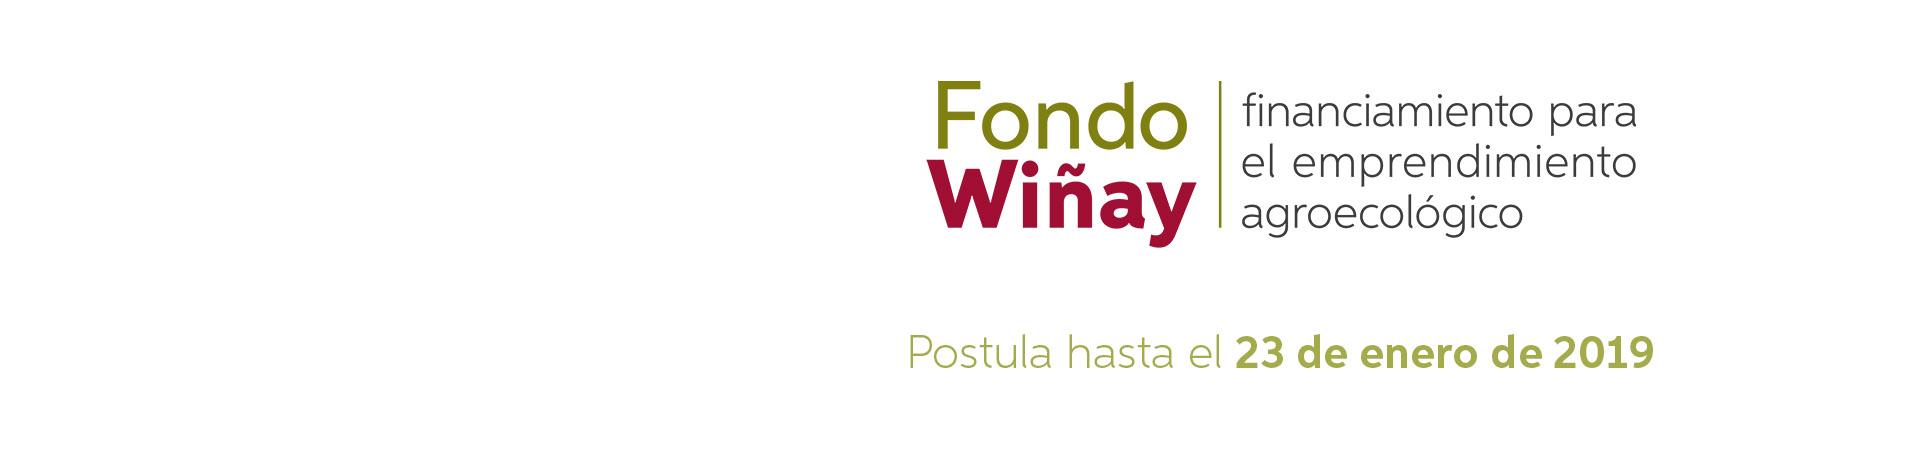 FONDO WIÑAY: Financiamiento para el Emprendimiento Agroecológico